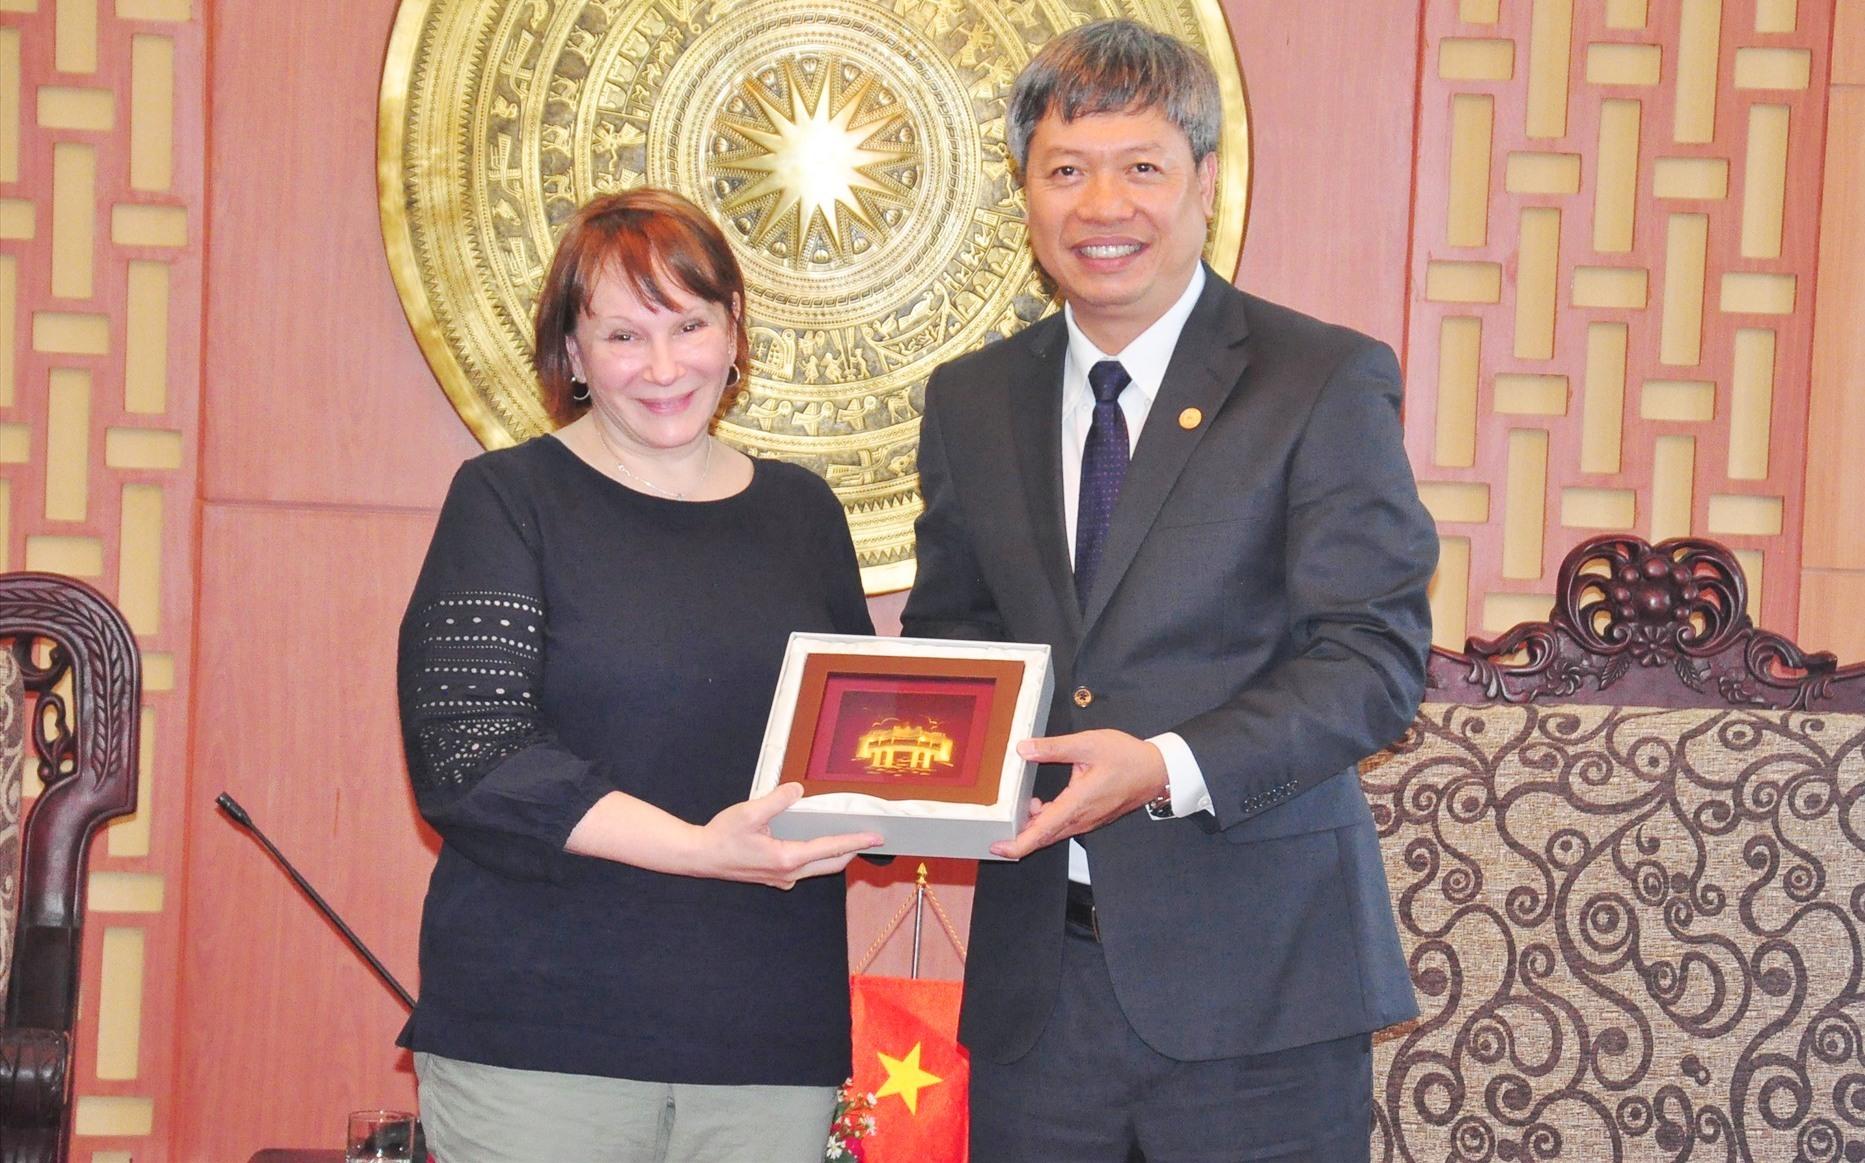 Phó Chủ tịch UBND tỉnh Hồ Quang Bửu tặng quà cho bà Ann Marie Yastishock - Giám đốc USAID tại Việt Nam. Ảnh: VINH ANH